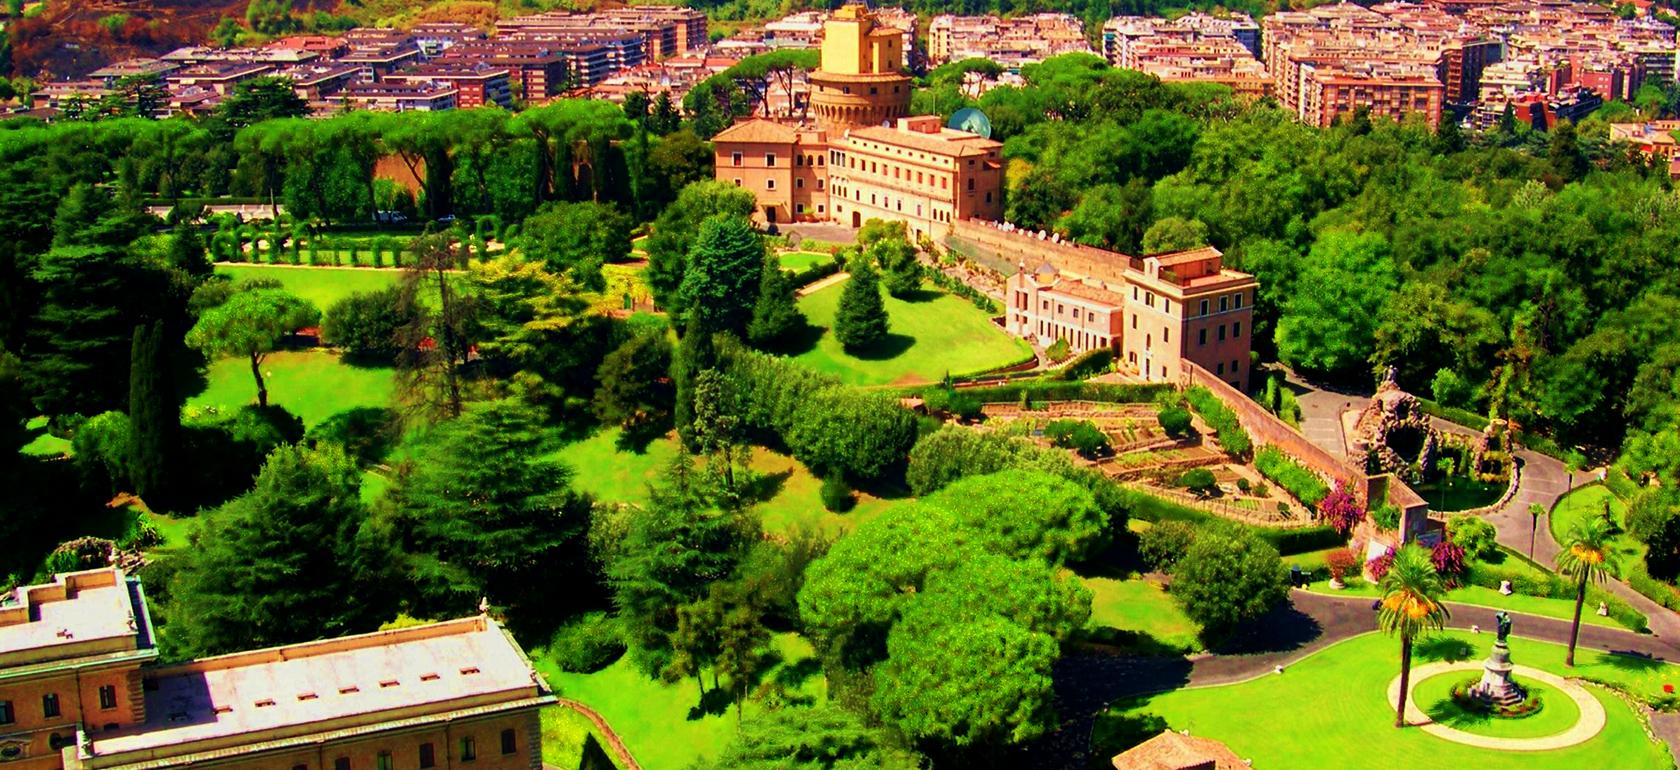 Vatikanische g rten mit offenem minibus for Jardines vaticanos